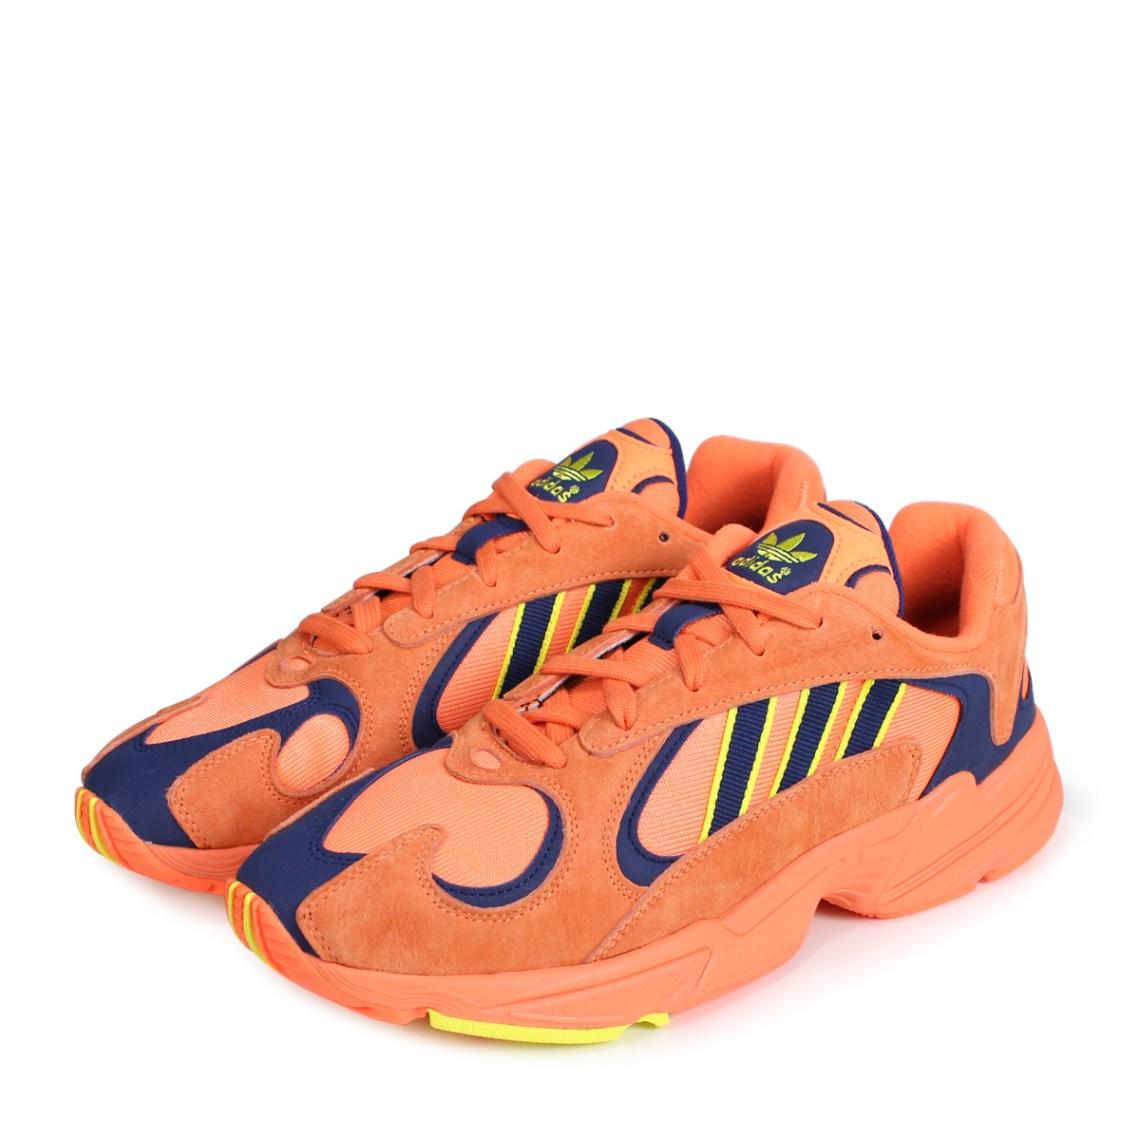 Adidas Original Yung 1 7